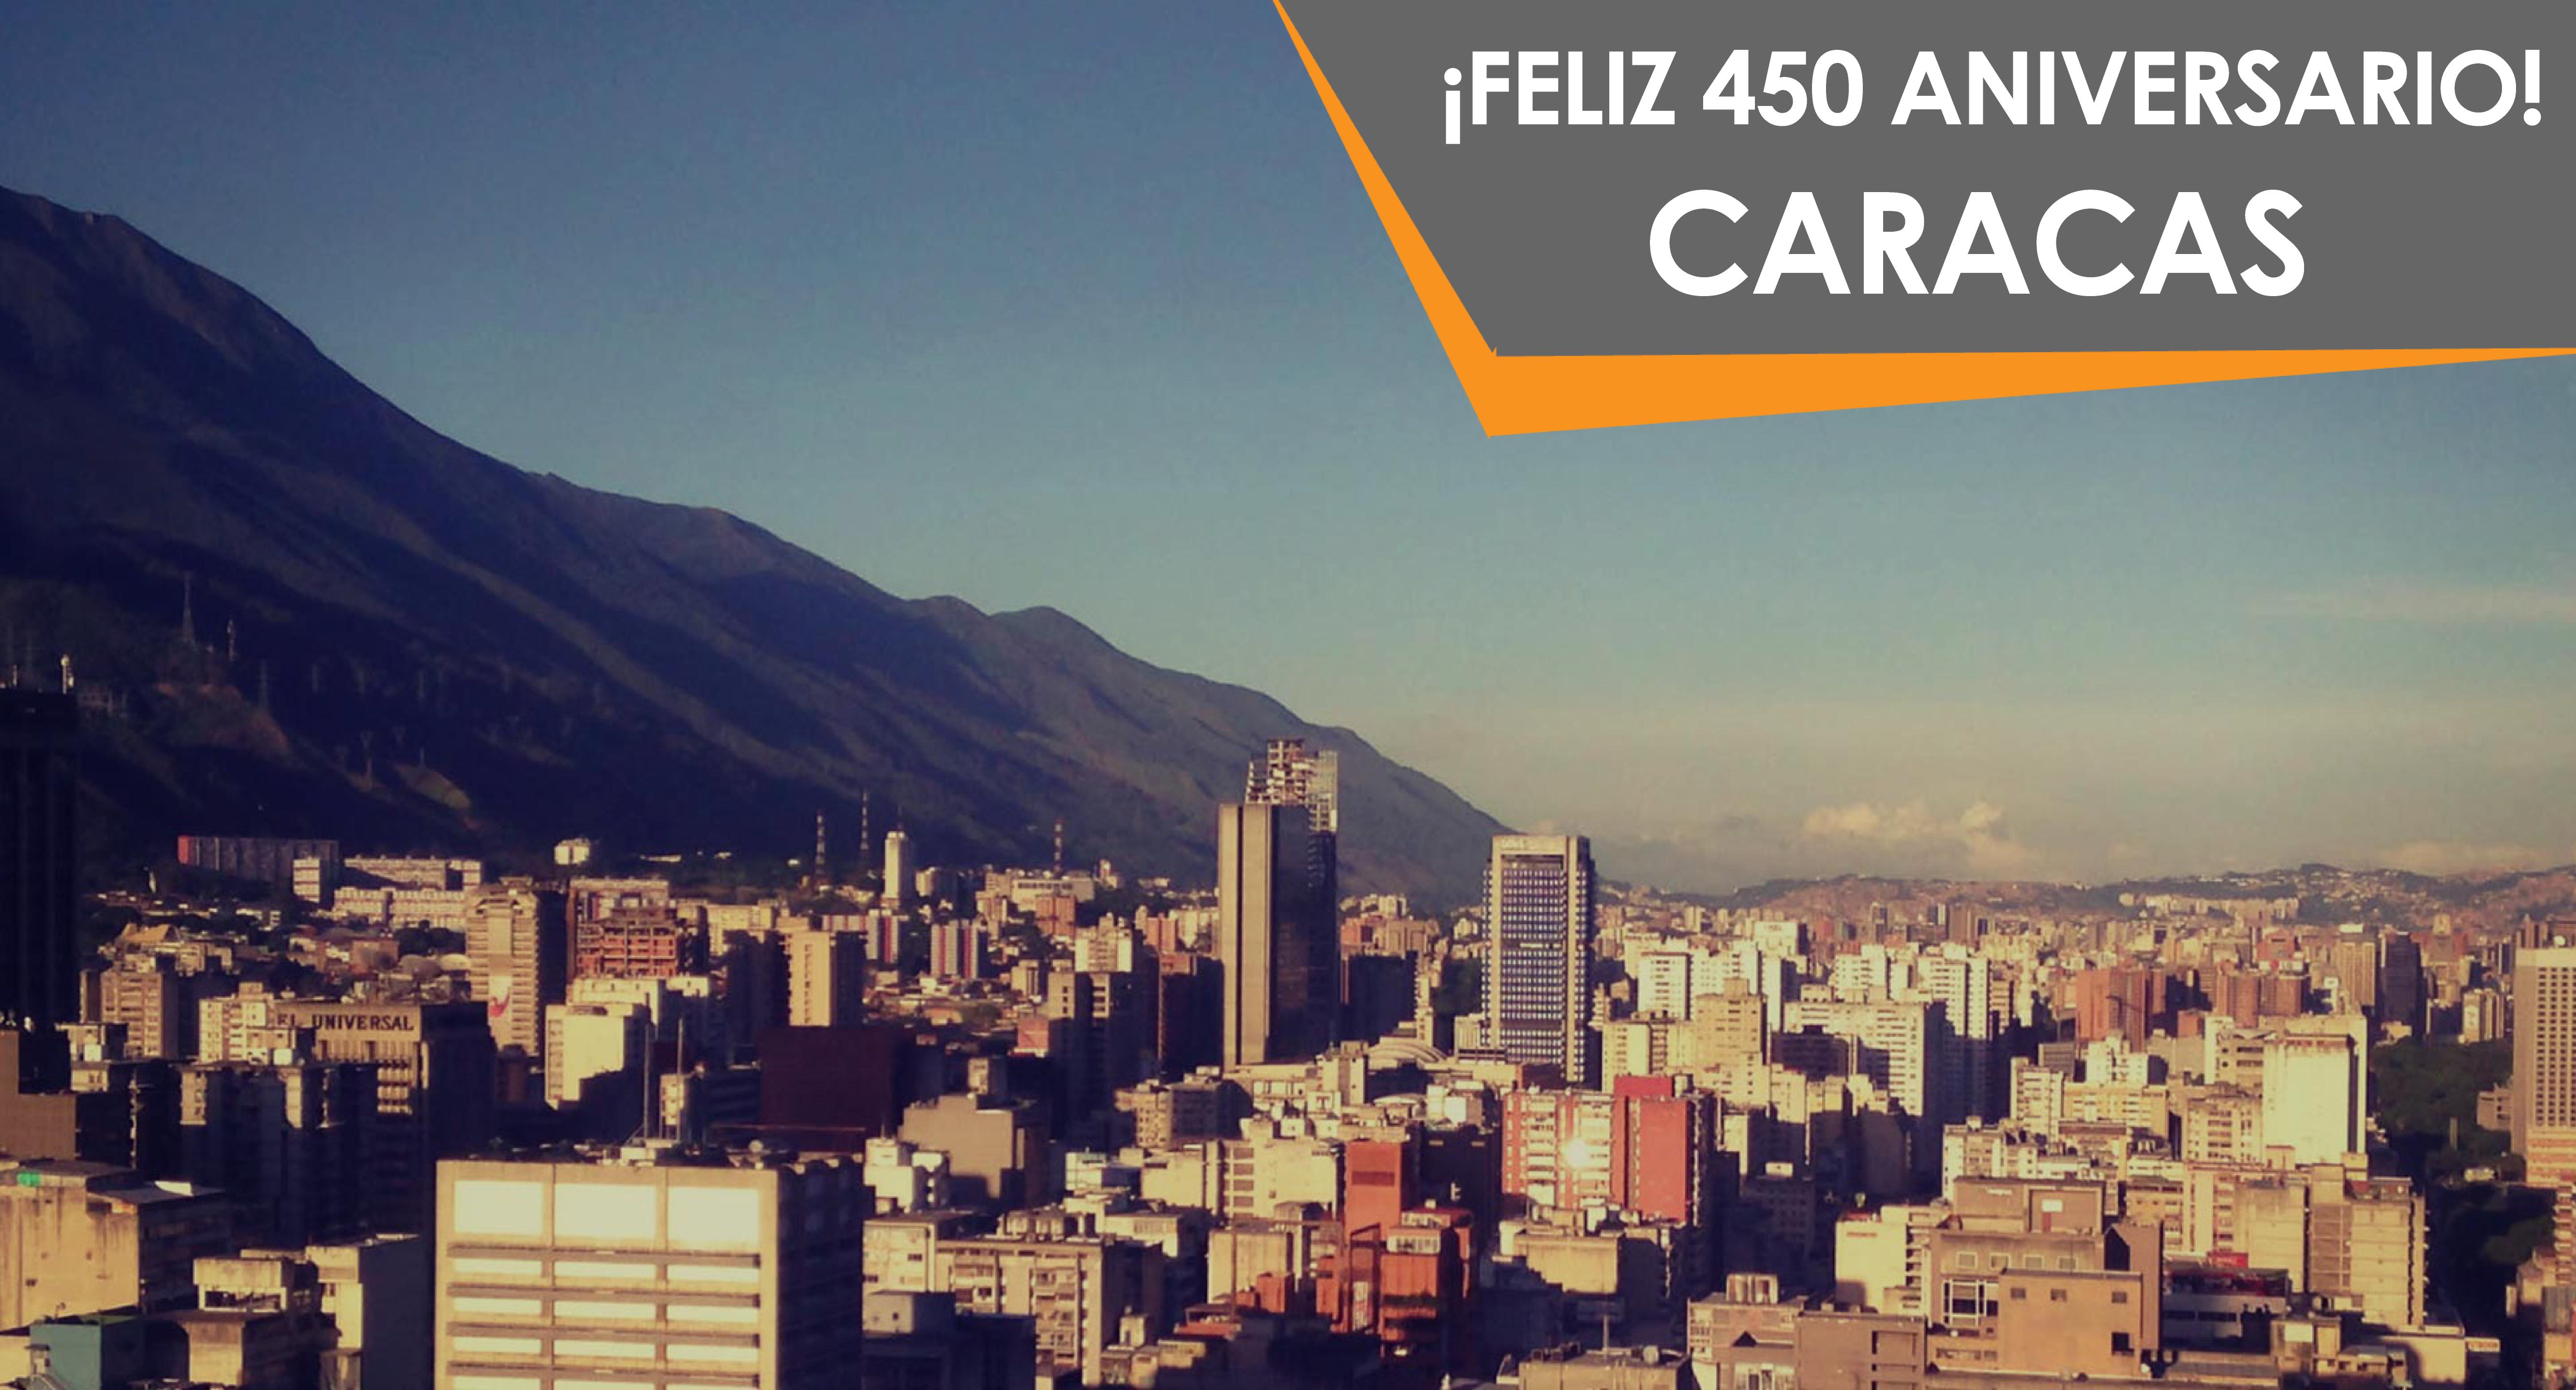 FELIZ 450 ANIVERSARIO CARACAS